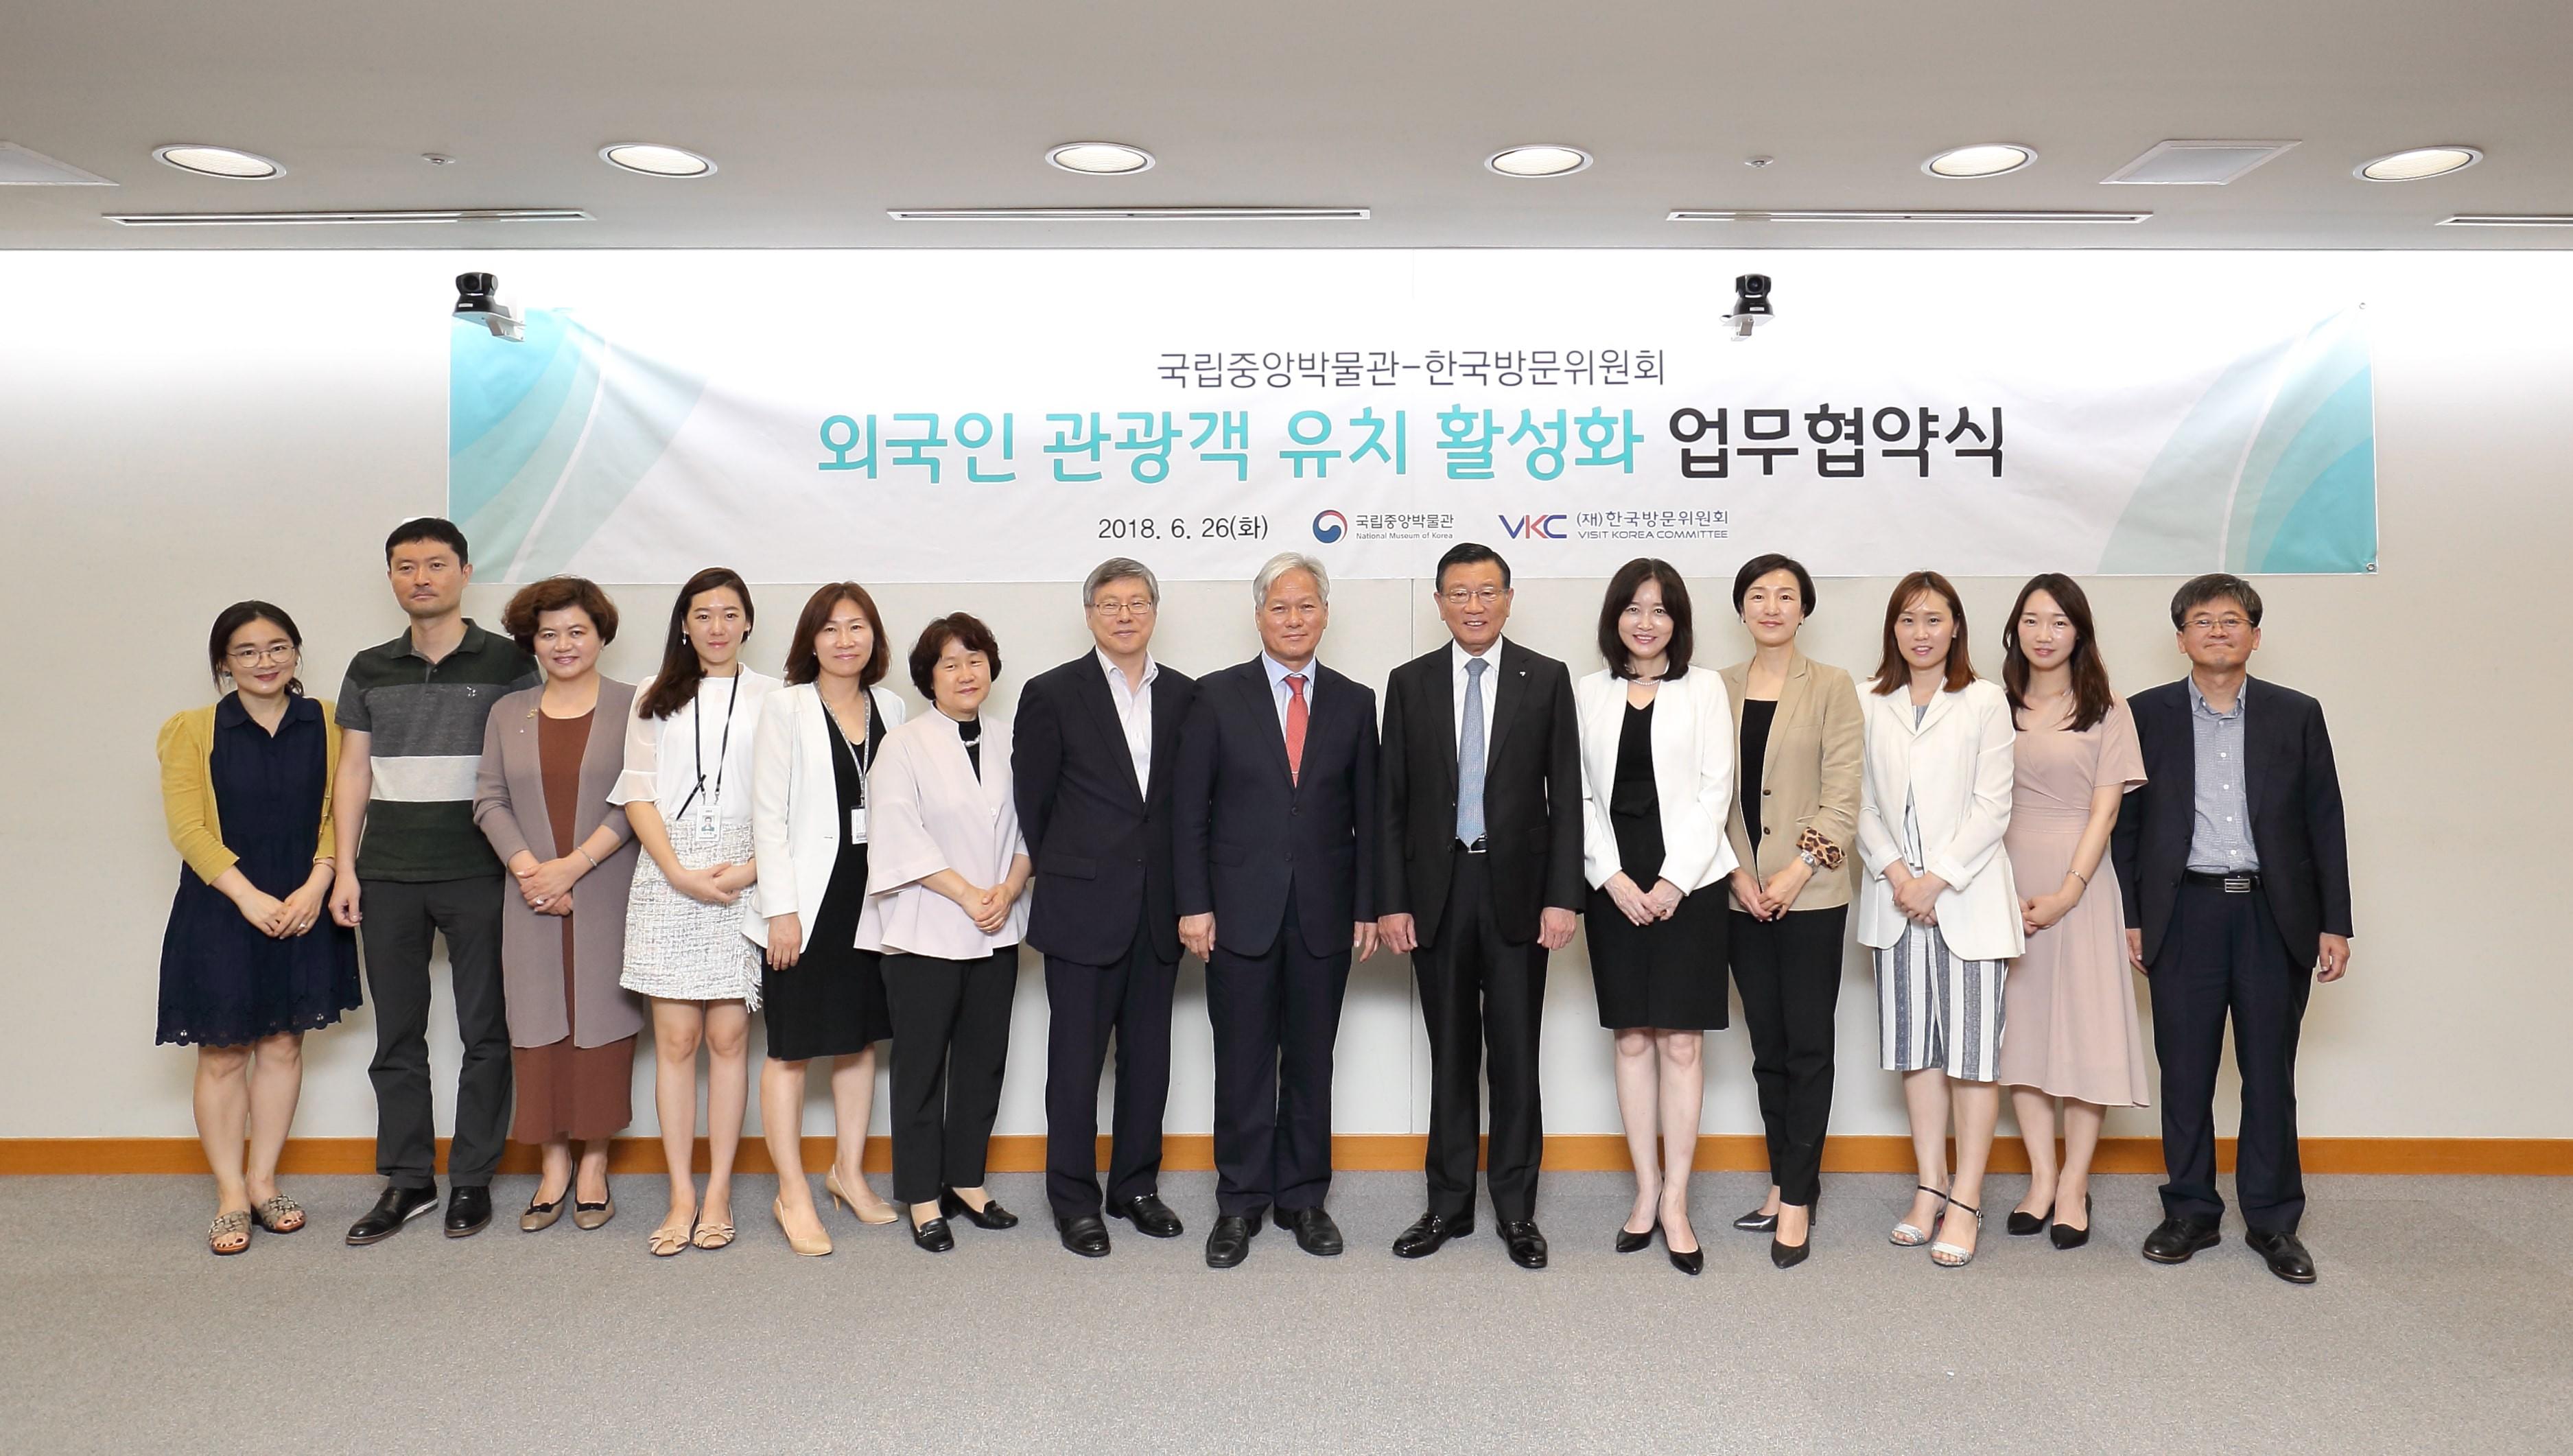 El Comité de Visita a Corea se asocia con el Museo Nacional de Corea para atraer a más turistas extranjeros